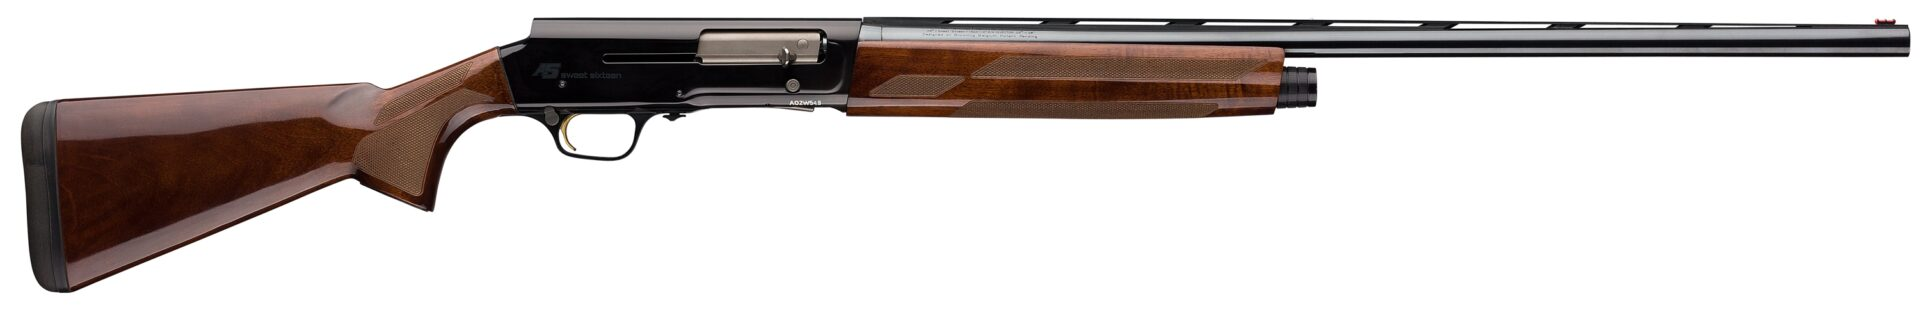 Brown Sweet 16 shotgun.